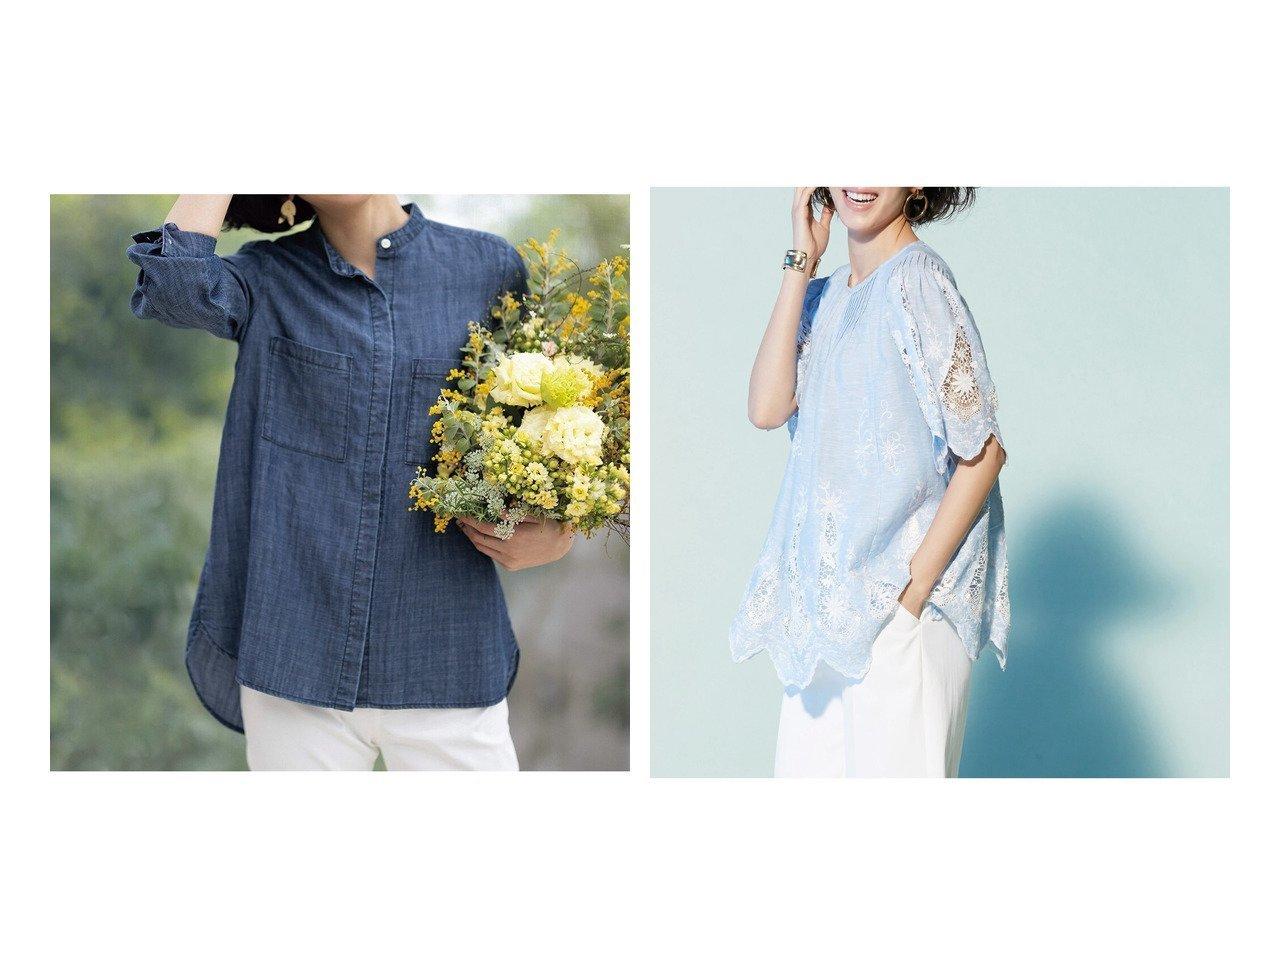 【DoCLASSE/ドゥクラッセ】のリネン混ソフトデニム・ノーカラーシャツ&21番リネン・シアーレースブラウス 40代、50代の女性におすすめ!人気トレンド・ファッションの通販 おすすめで人気の流行・トレンド、ファッションの通販商品 インテリア・家具・メンズファッション・キッズファッション・レディースファッション・服の通販 founy(ファニー) https://founy.com/ ファッション Fashion レディースファッション WOMEN トップス・カットソー Tops/Tshirt シャツ/ブラウス Shirts/Blouses とろみ デニム リネン スカラップ レース 夏 Summer |ID:crp329100000046731